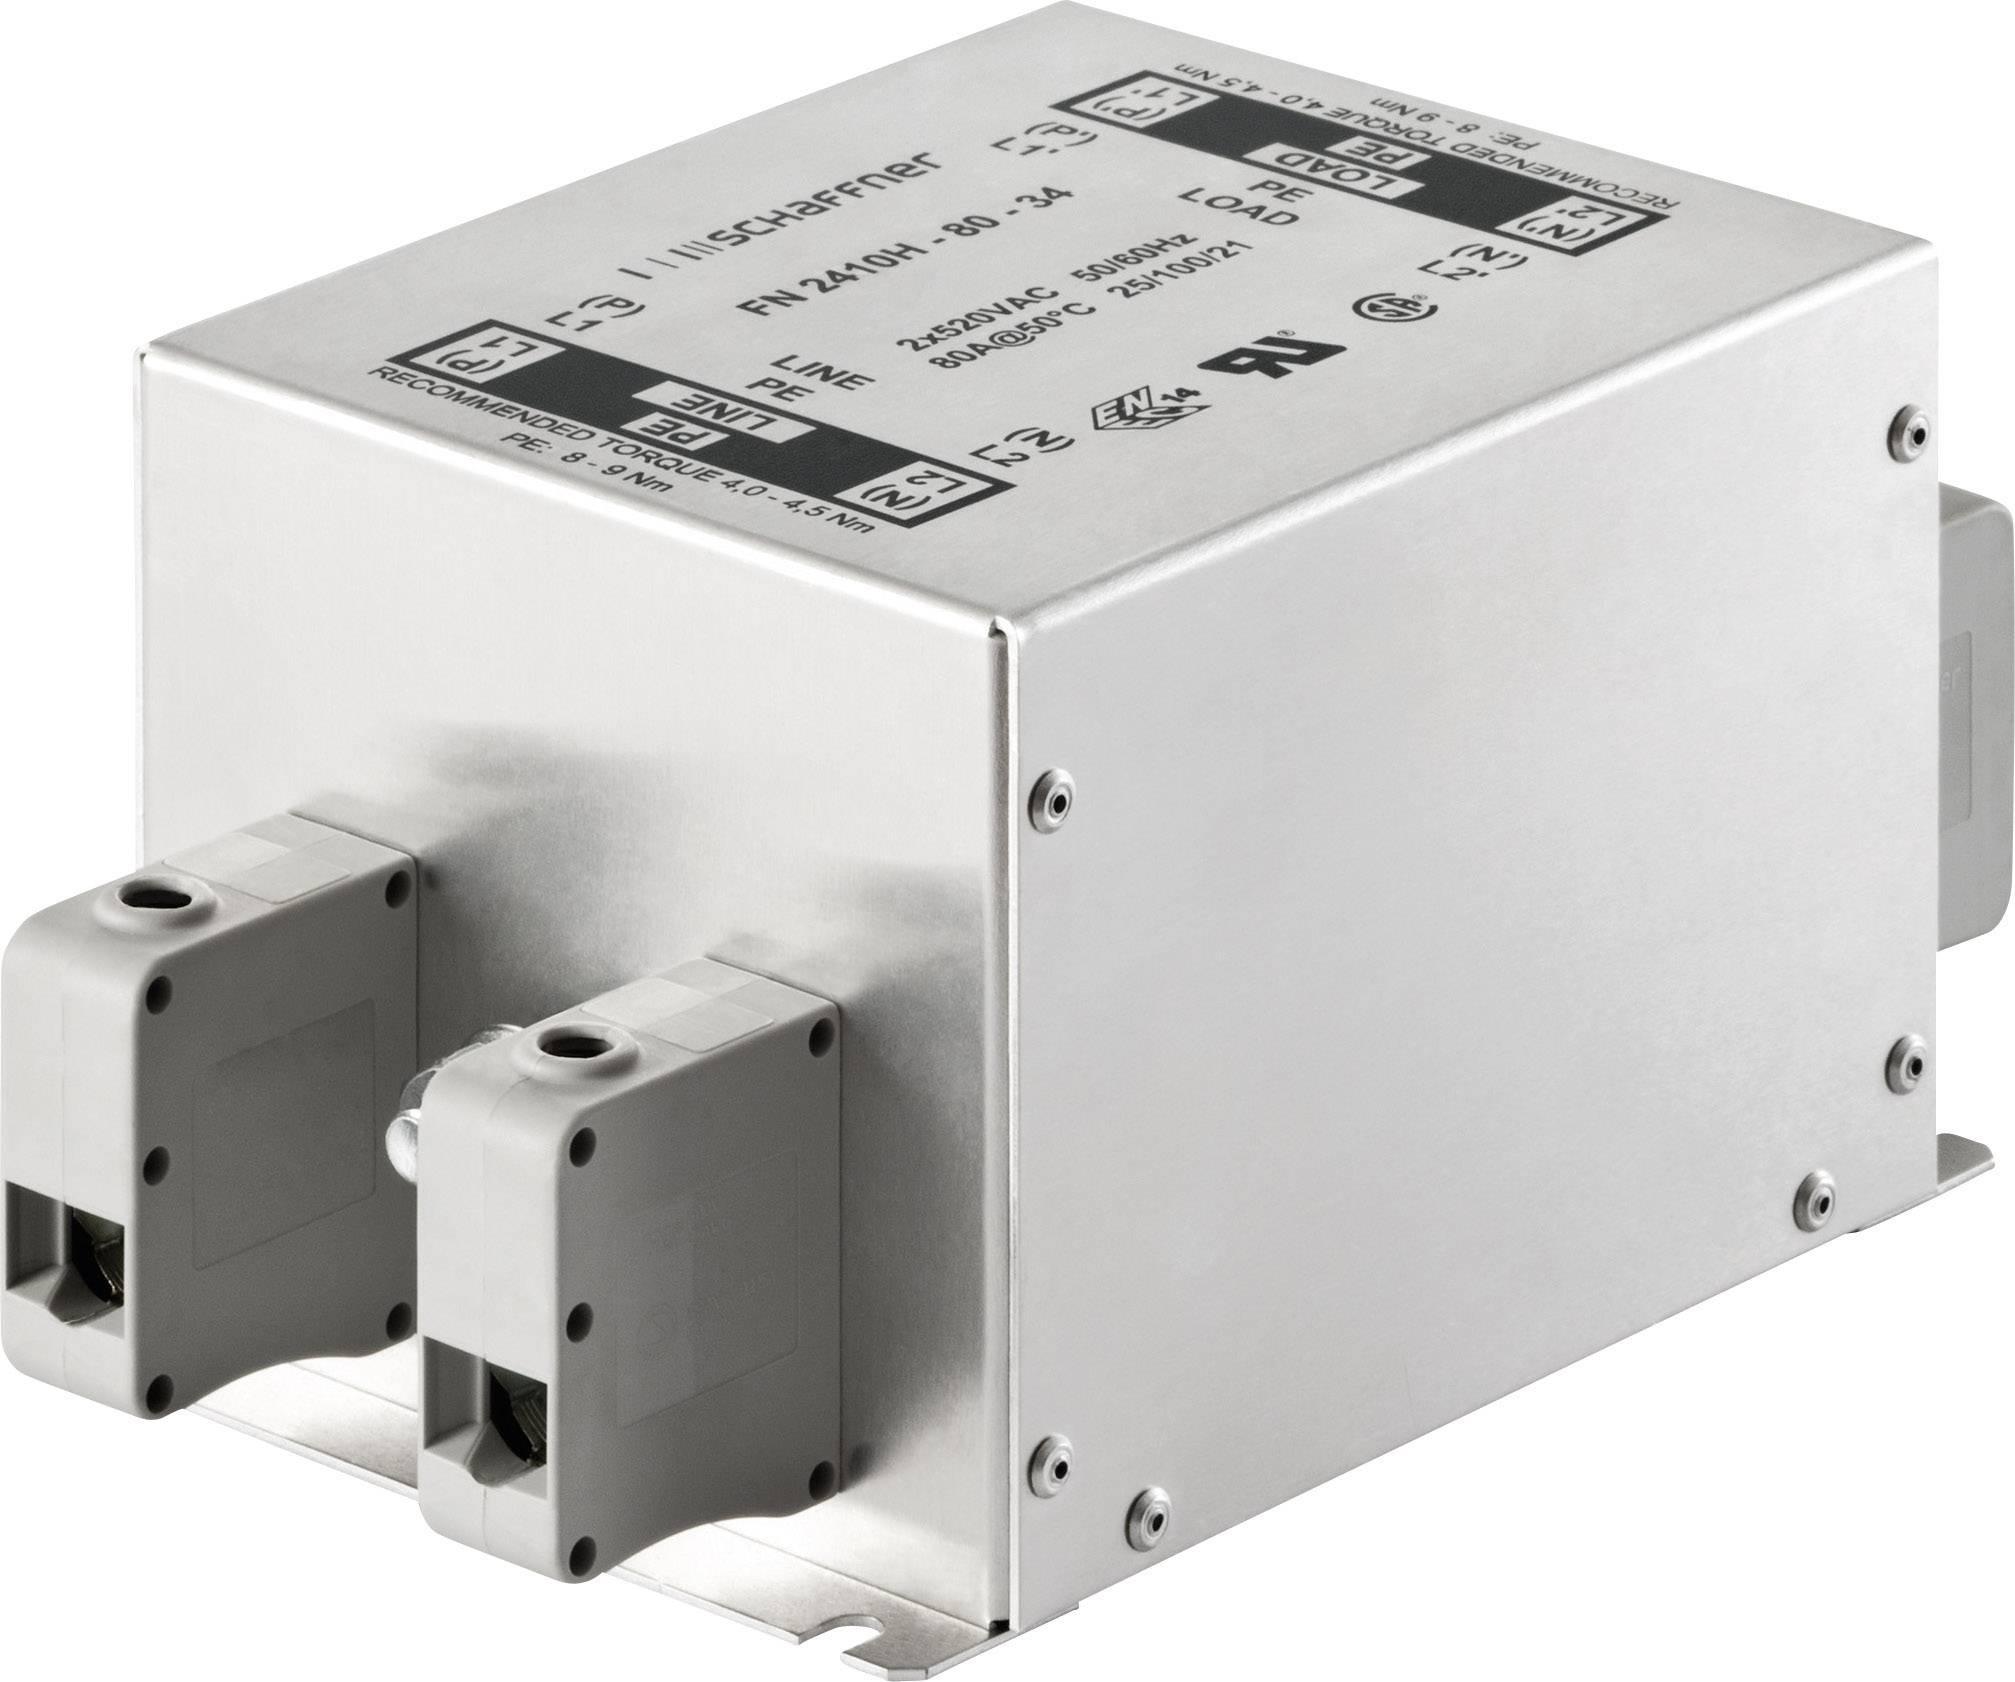 Odrušovací filter Schaffner FN2410-8-44 FN2410-8-44, 250 V/AC, 8 A, (d x š x v) 130 x 93 x 62 mm, 1 ks